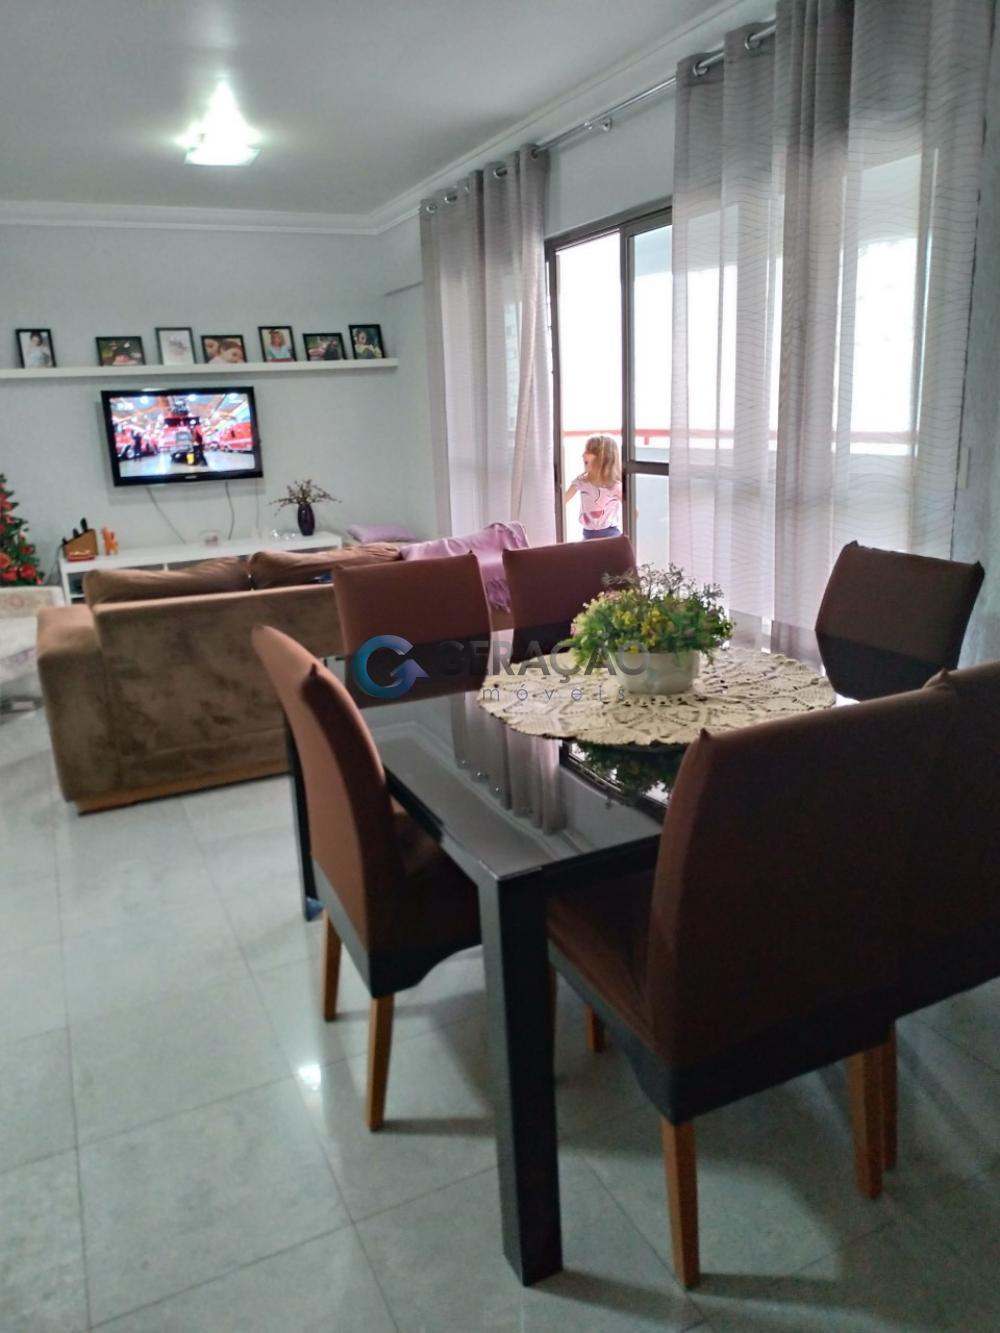 Comprar Apartamento / Padrão em São José dos Campos apenas R$ 650.000,00 - Foto 1